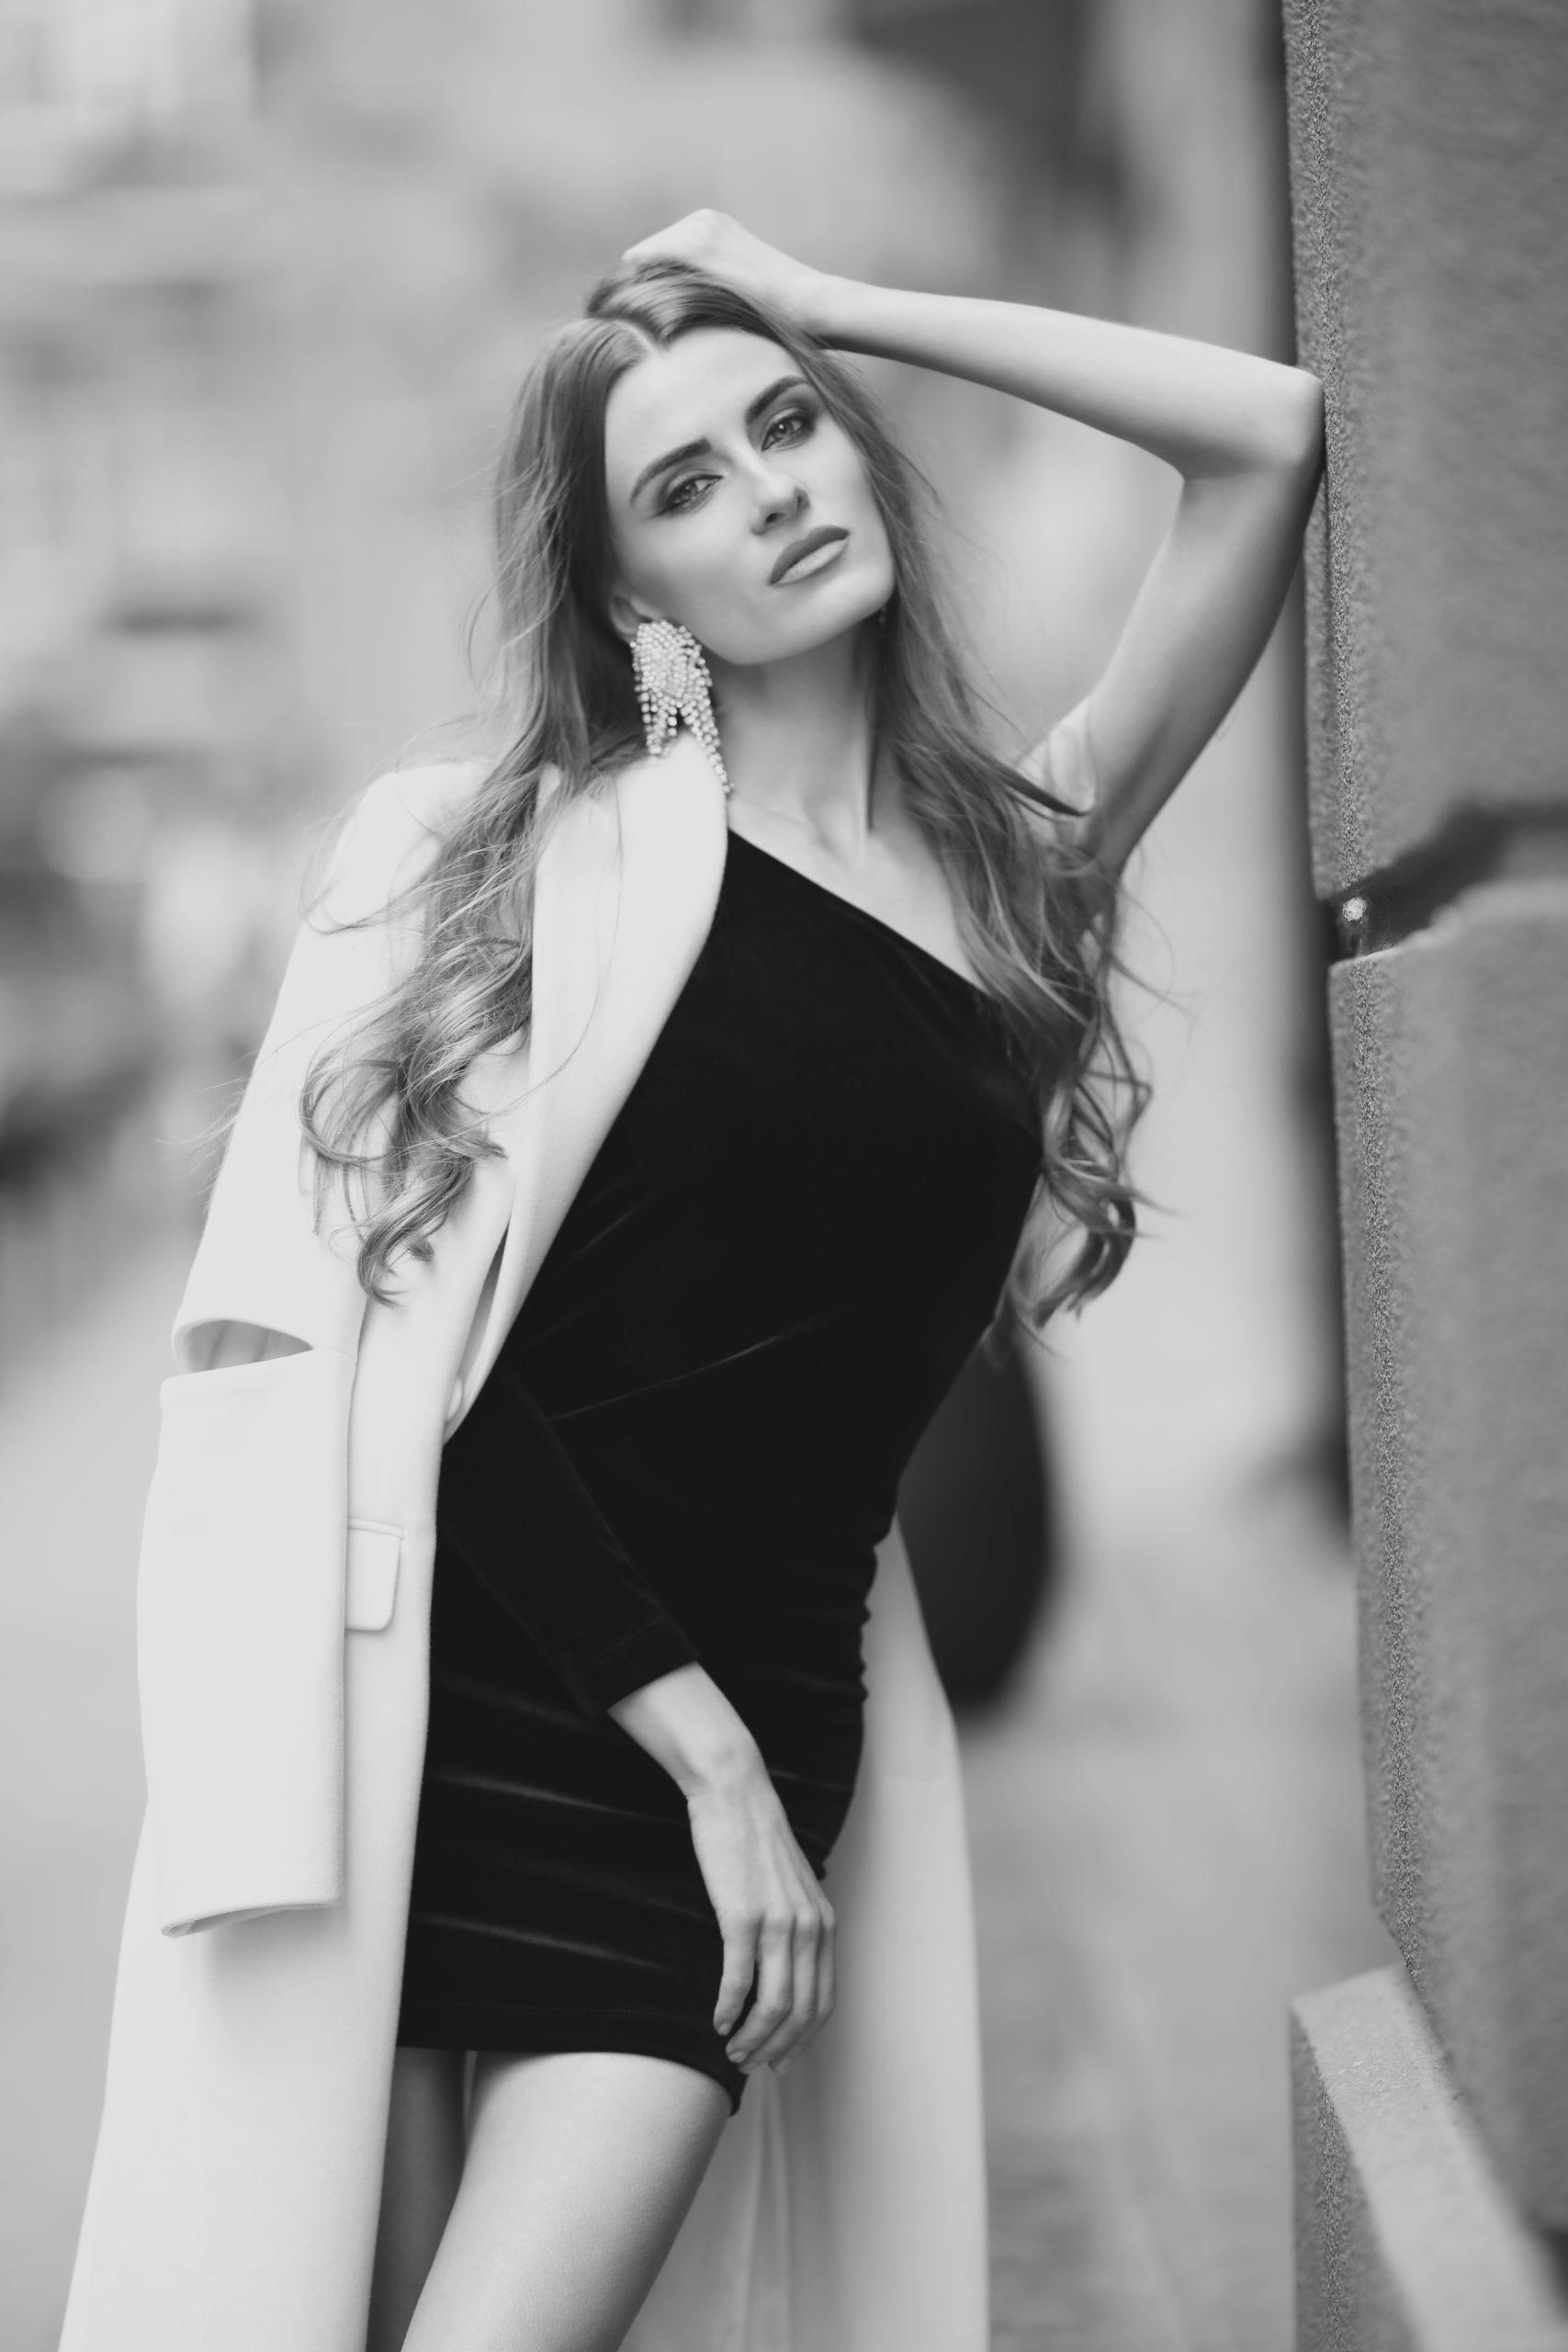 модель Алена Сависько Alyona Savisko тренды сезона осень-зима 2020-2021 капсульный гардероб маленькое черное платье на одно плечо пальто тренч